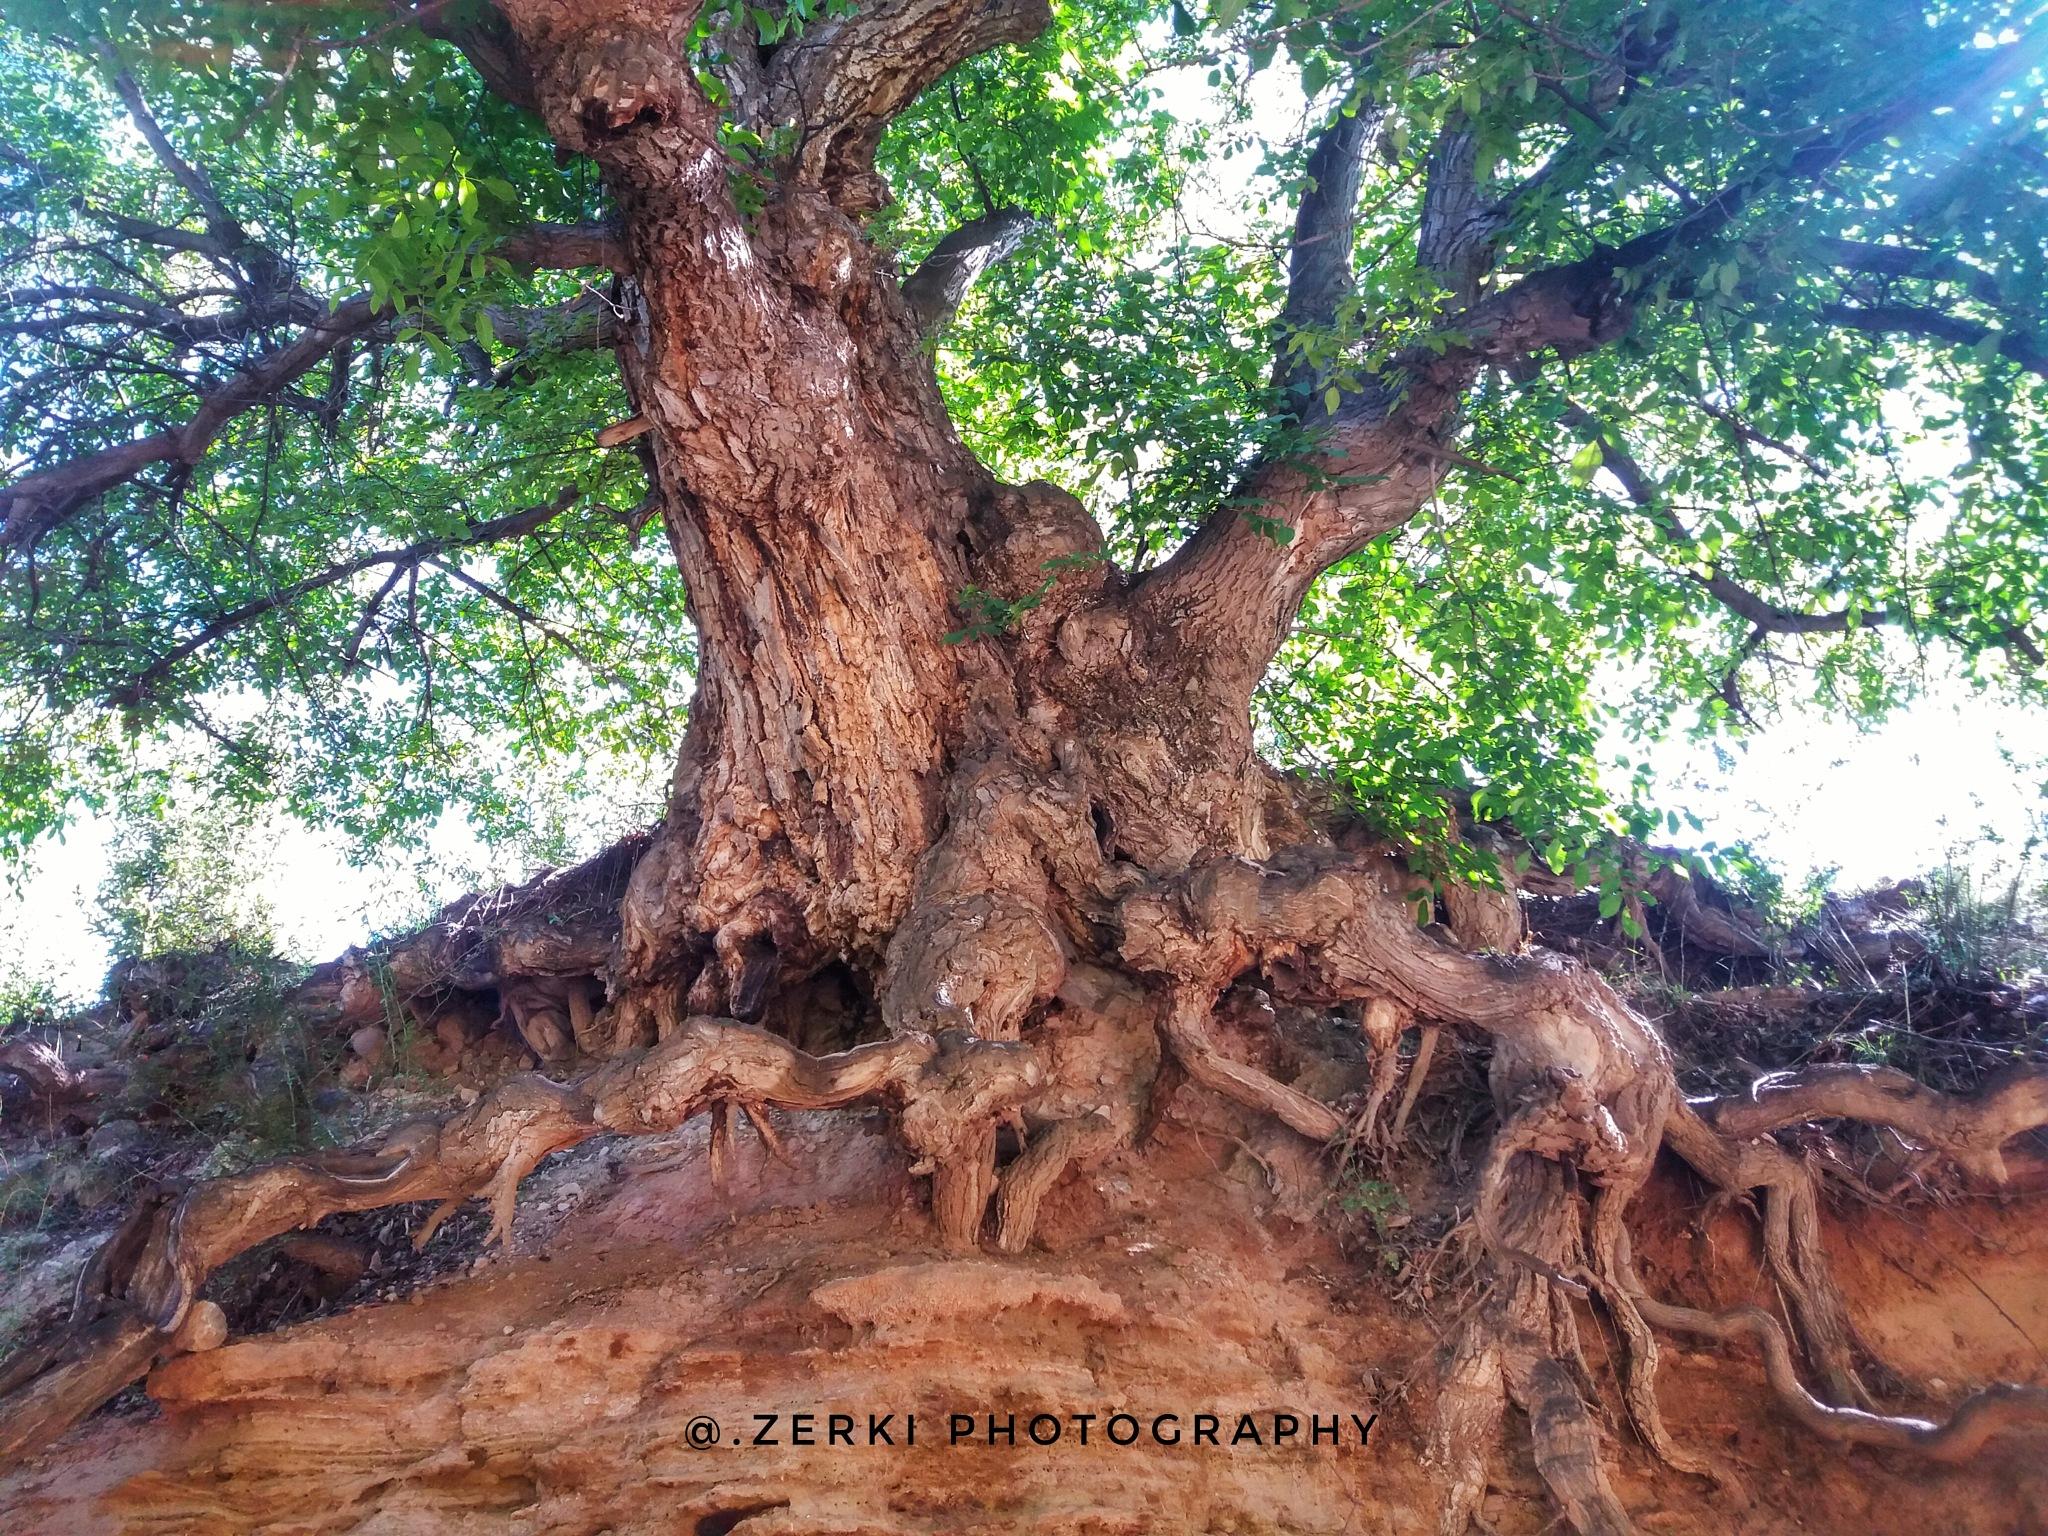 Tree by Adil Zerki